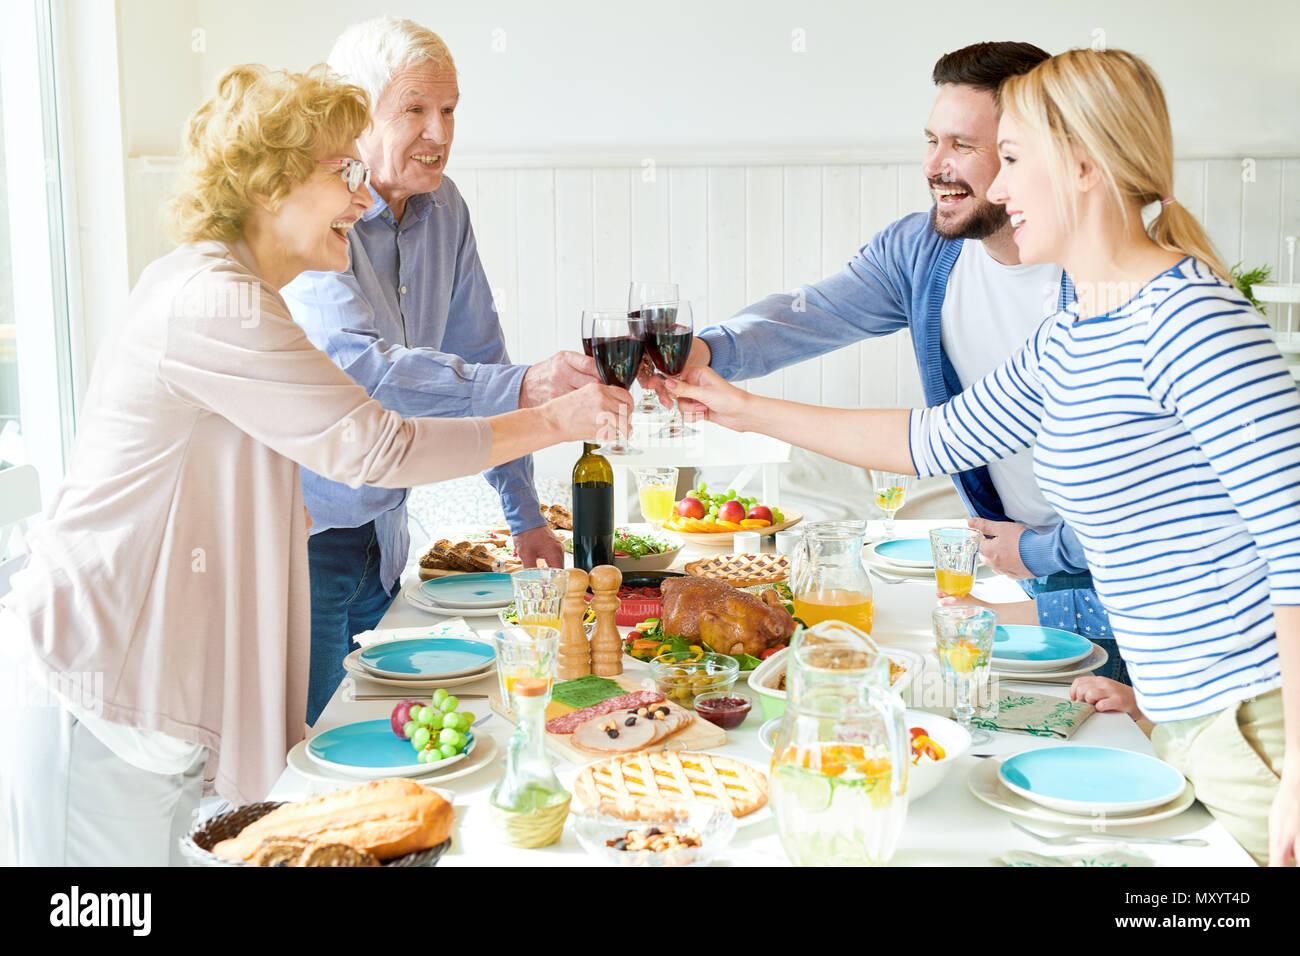 Seitenansicht Portrait von glückliche zwei Generation Familie Abendessen zusammen Anstoßen bei festlichen Tisch mit leckeren Speisen und während lächelnd Stockbild